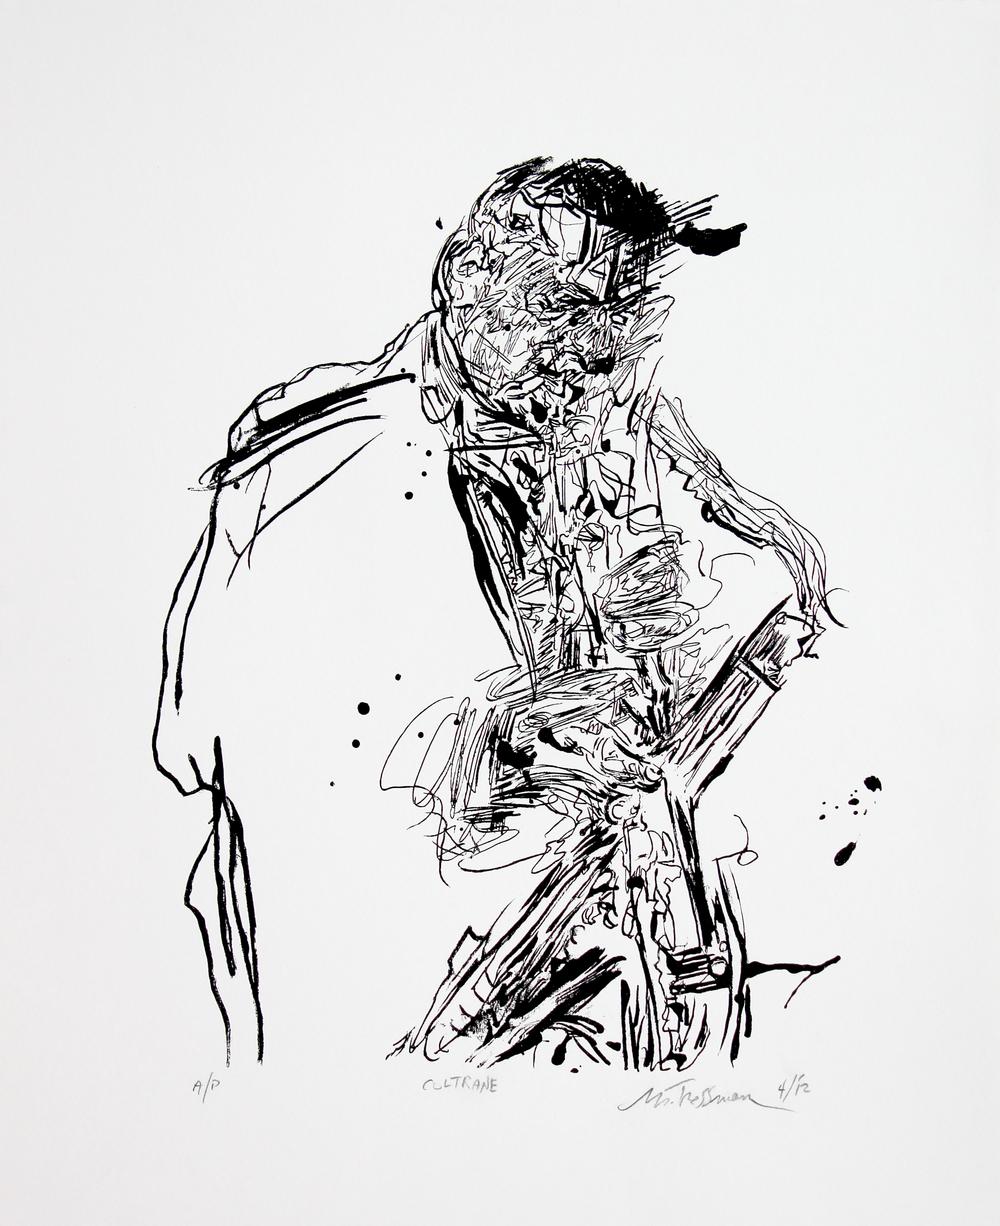 Michael Trossman - Coltrane